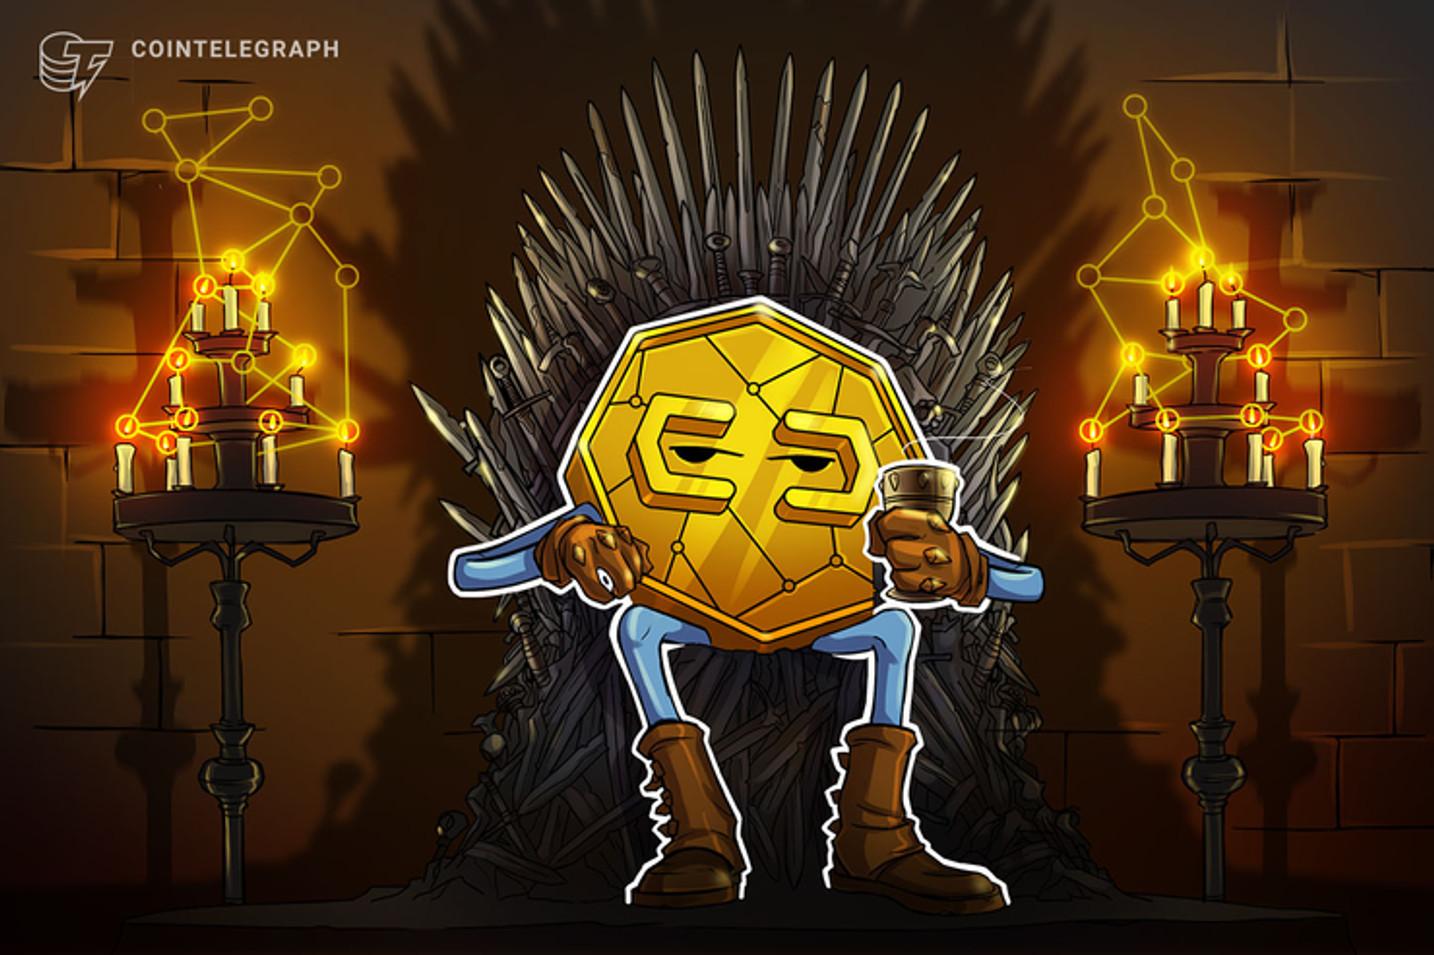 Juego de nodos - ¿Quién ganará el trono digital?